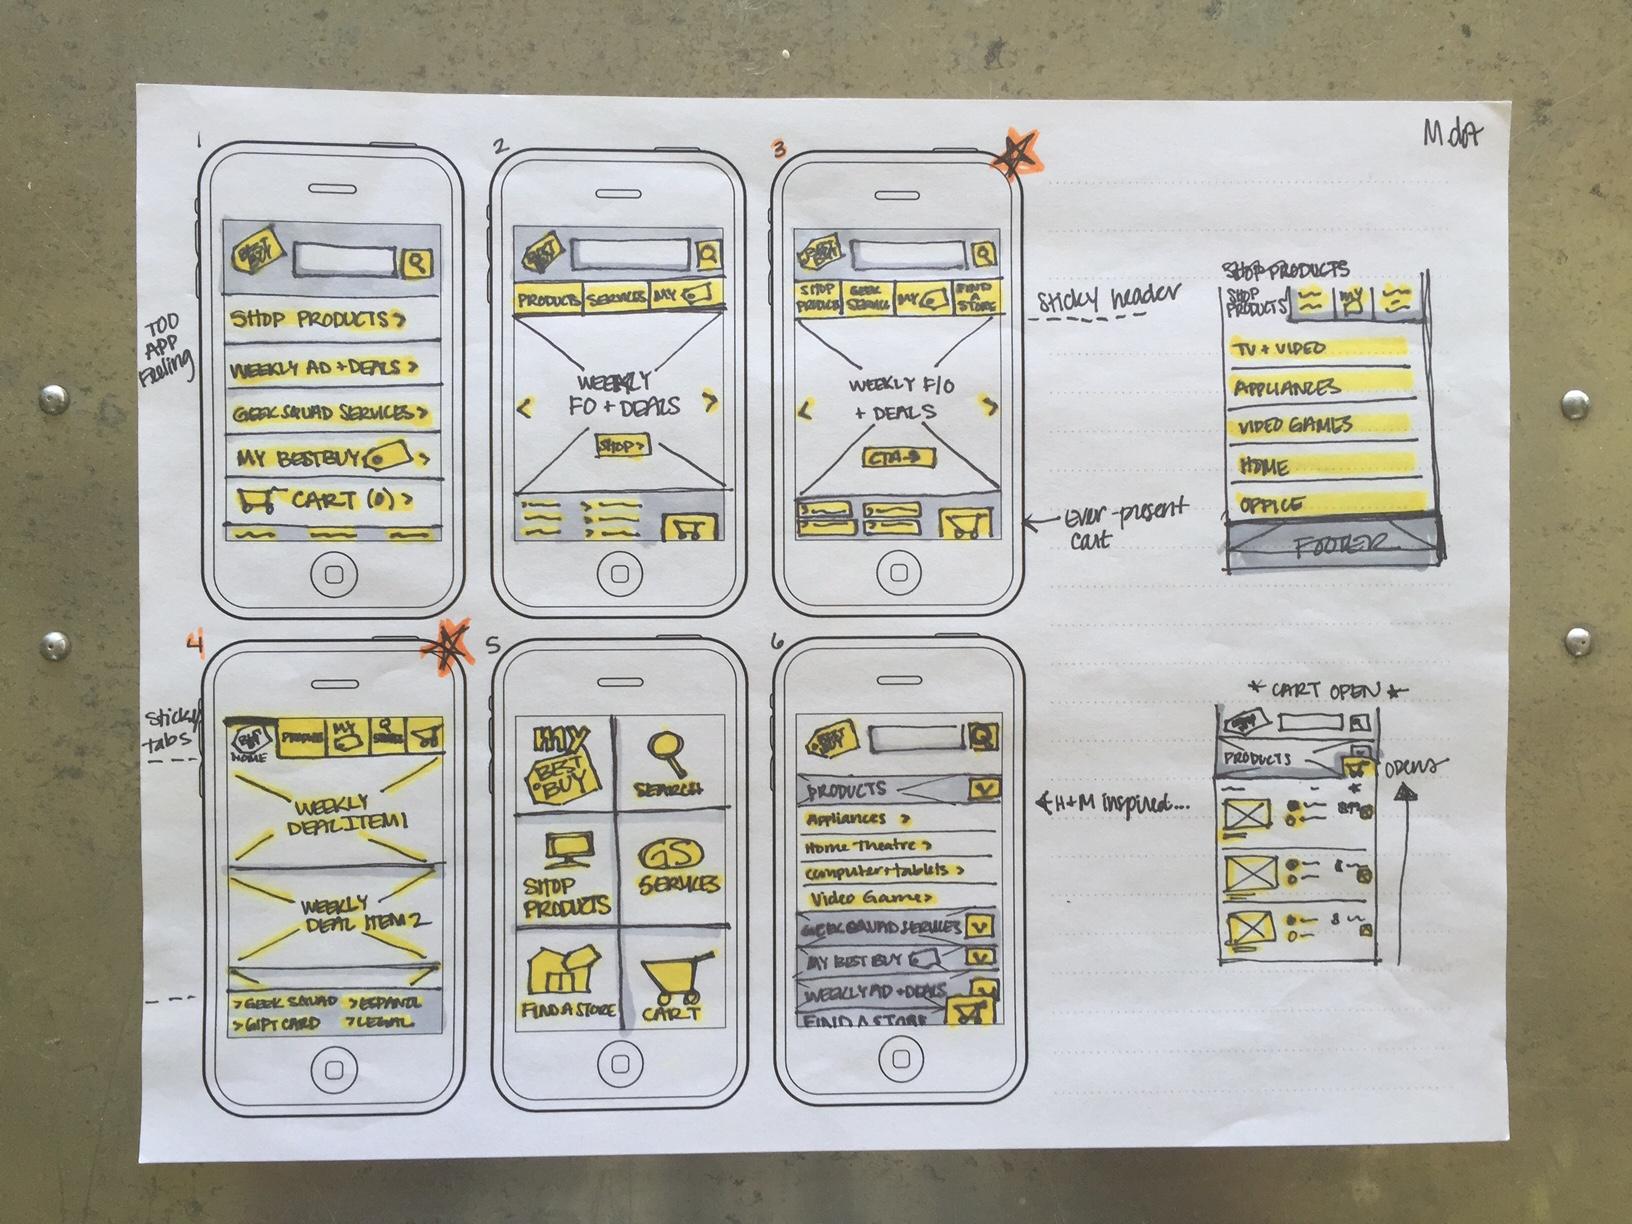 Best Buy Header & Navigation Sketches